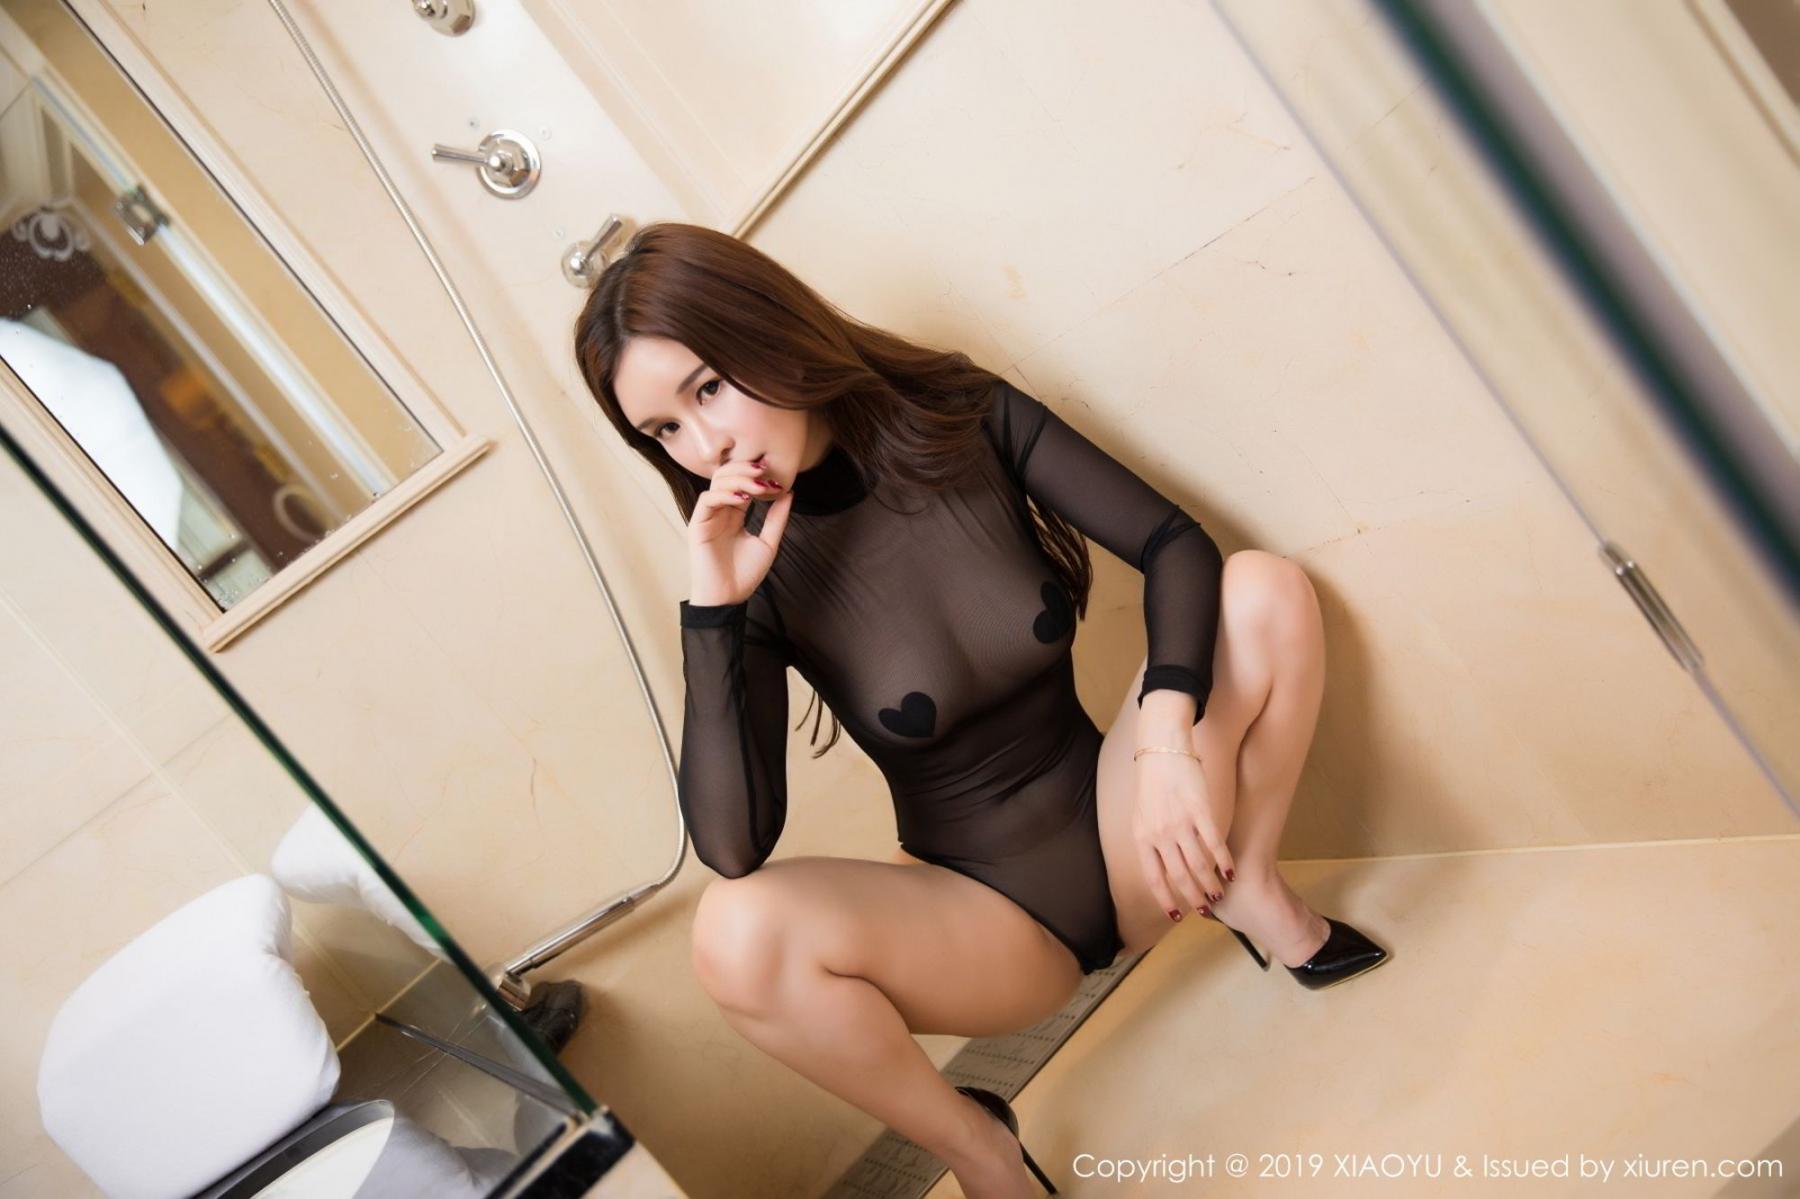 [XiaoYu] Vol.091 Chun Xiao Xi 12P, Bathroom, Chun Xiao Xi, Wet, XiaoYu